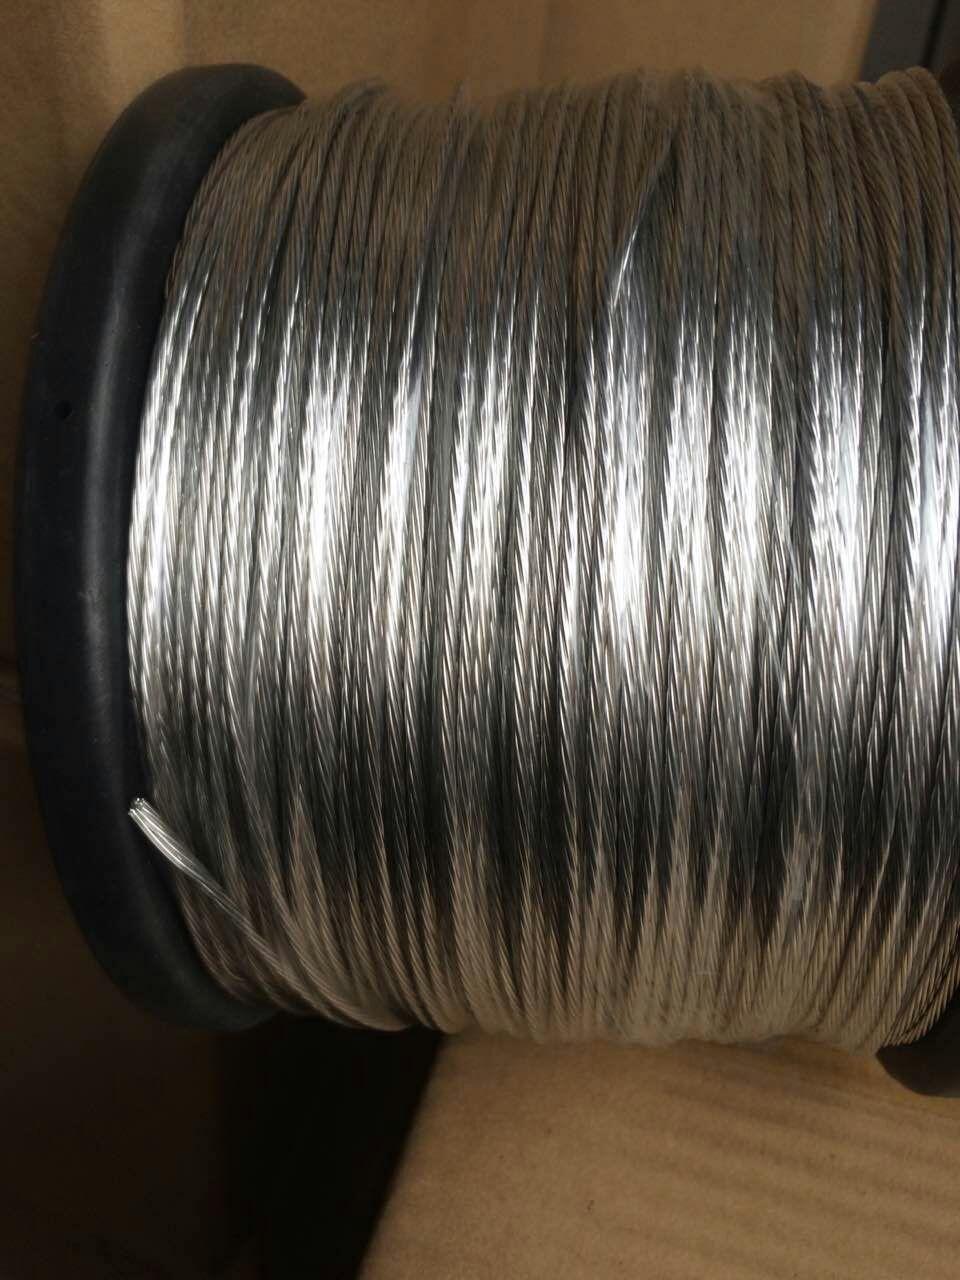 2.0 больше доля алюминий, магний сплав линия 300 метр | электронный забор | высокое давление импульс электричество чистый забор / общий